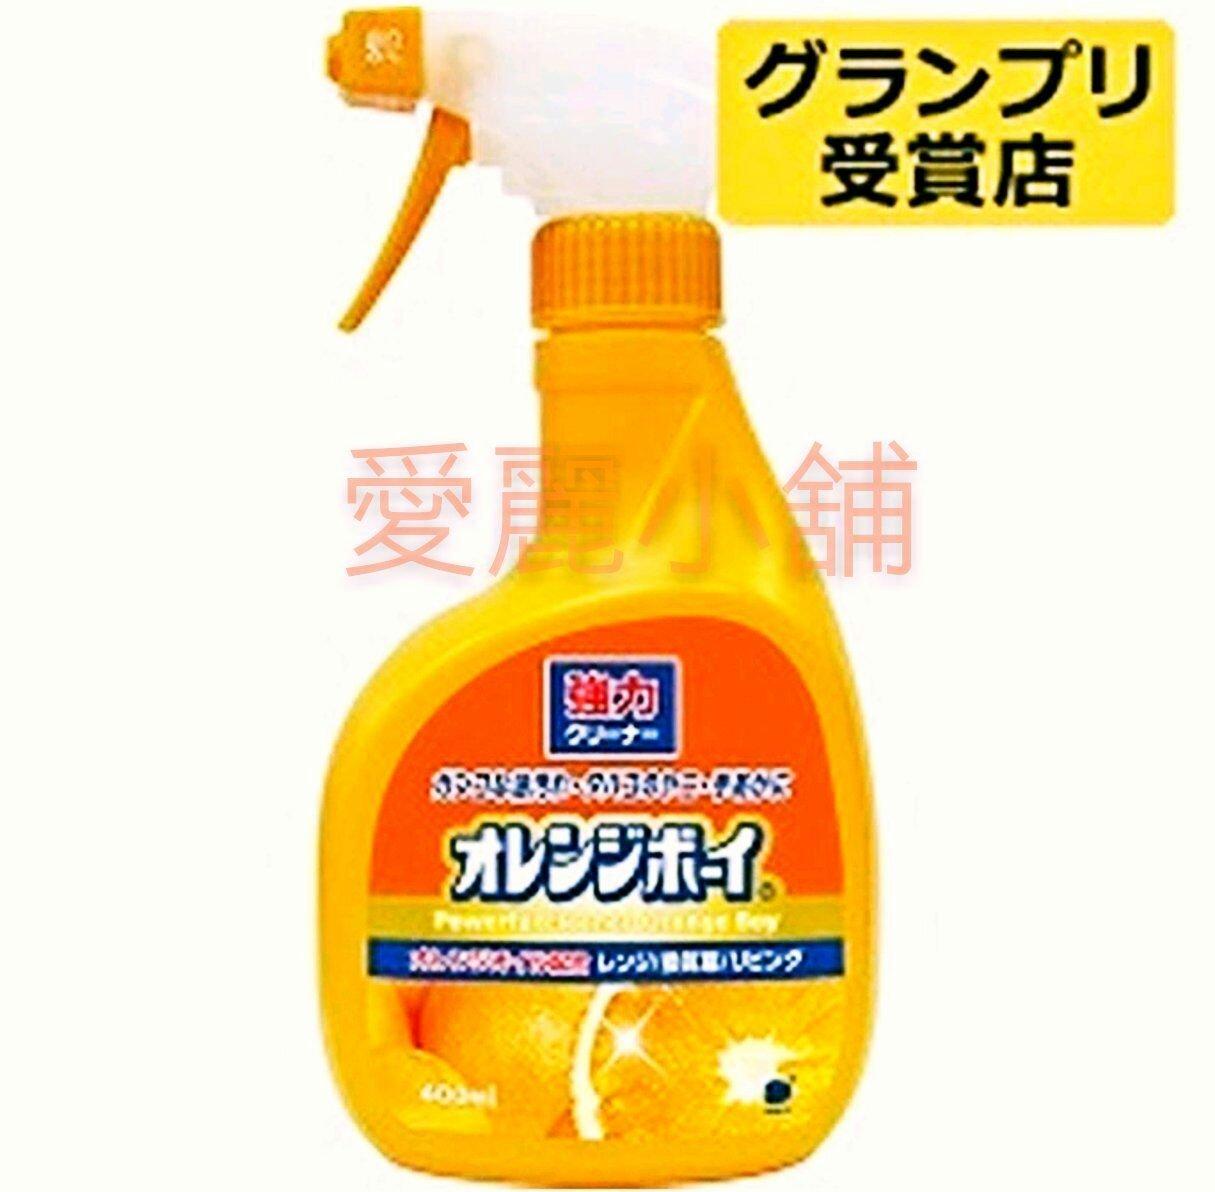 愛麗小舖※ 製 第一石鹼橘子除油強力泡沫廚房萬用清潔劑~400ml